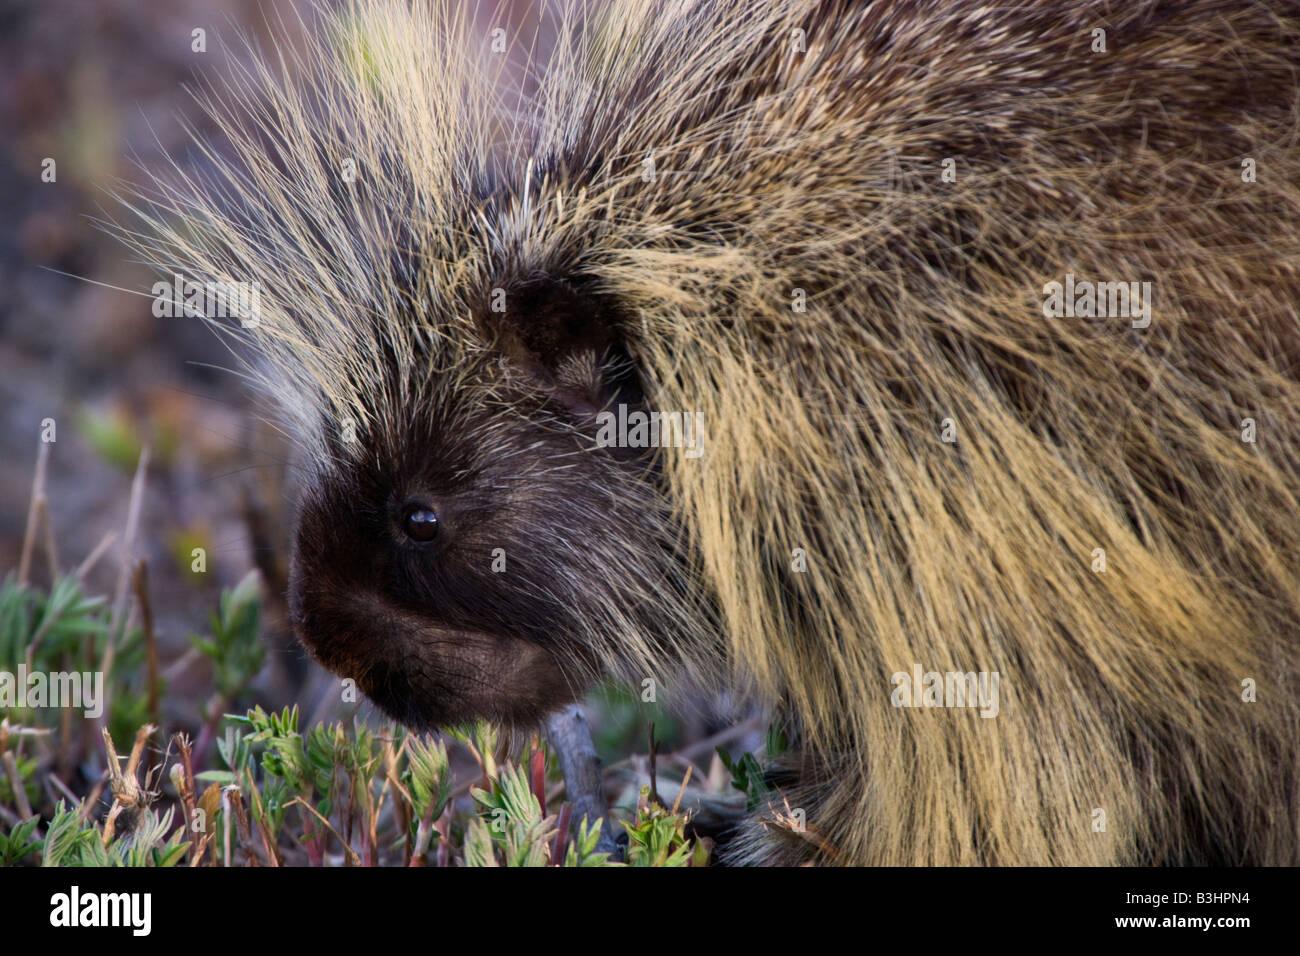 Porcupine Erethizon dorsatum Alaska Stock Photo